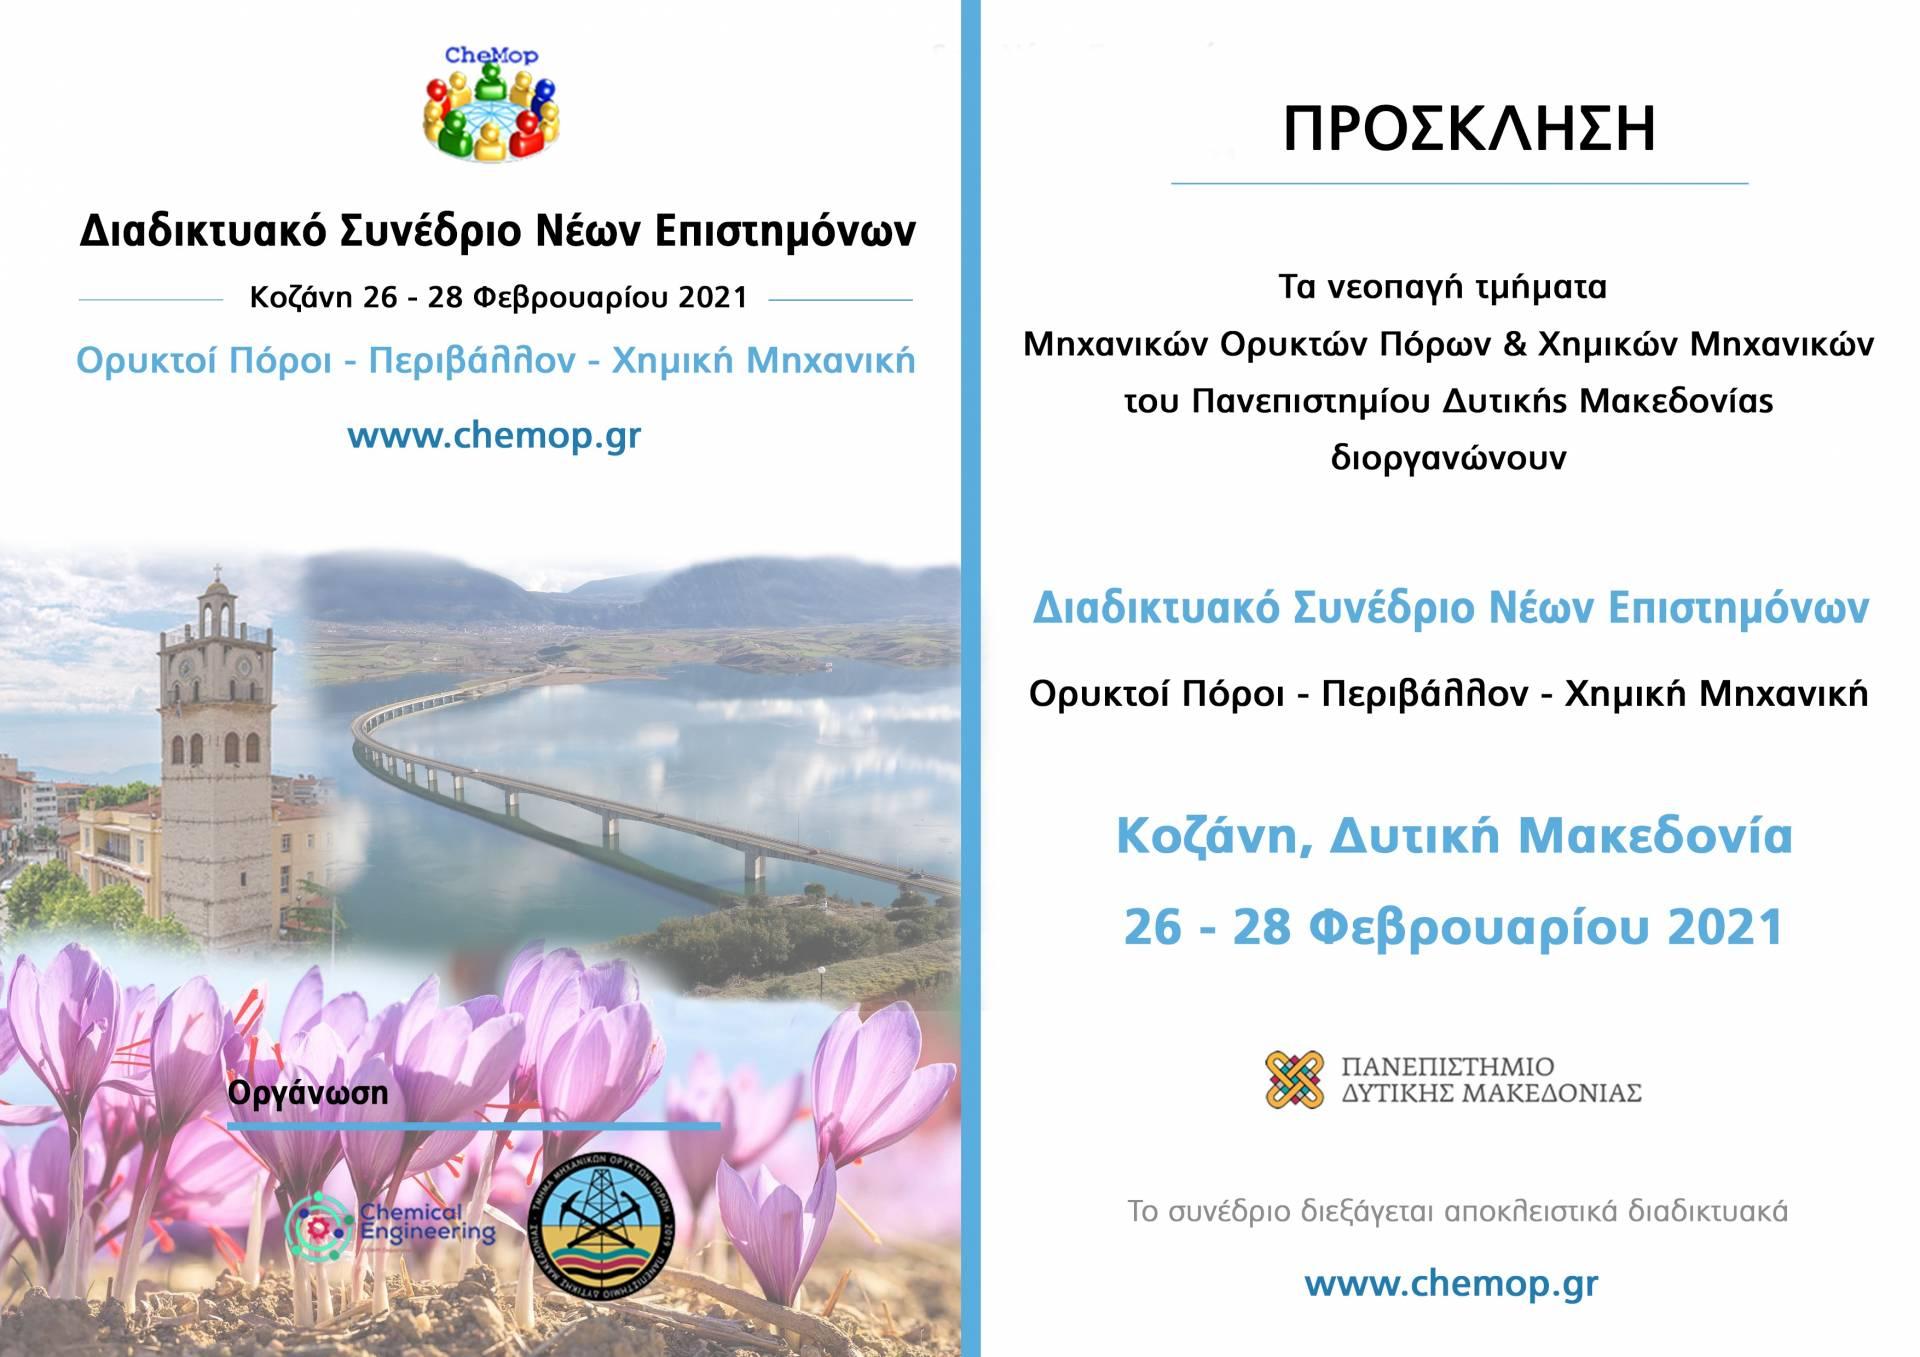 Πανεπιστήμιο Δυτικής Μακεδονίας: 1ο Διαδικτυακό Συνέδριο Νέων Επιστημόνων «Ορυκτοί Πόροι-Περιβάλλον- Χημική Μηχανική»